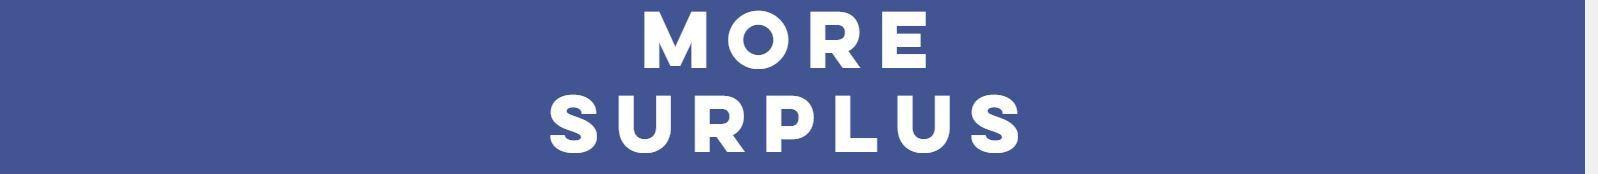 MoreSurplus